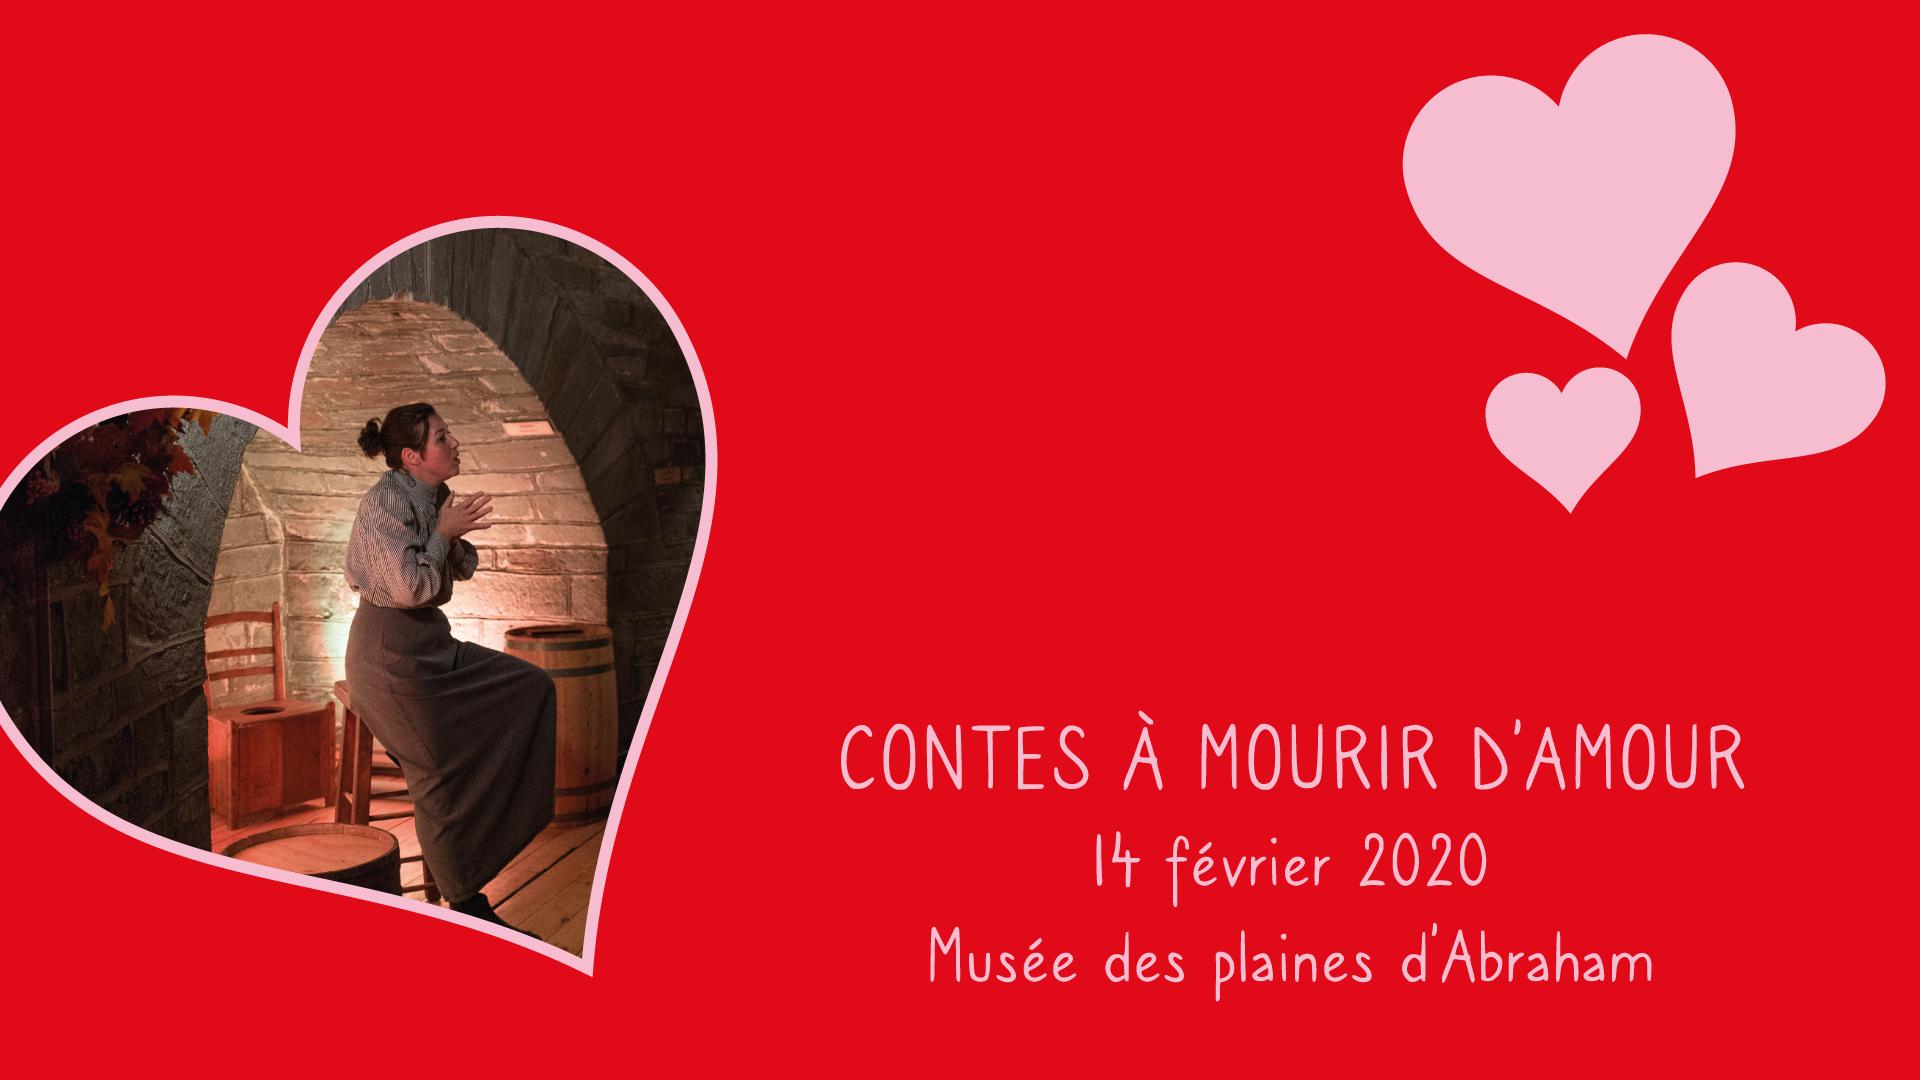 Soirée de contes pour la Saint-Valentin à Québec